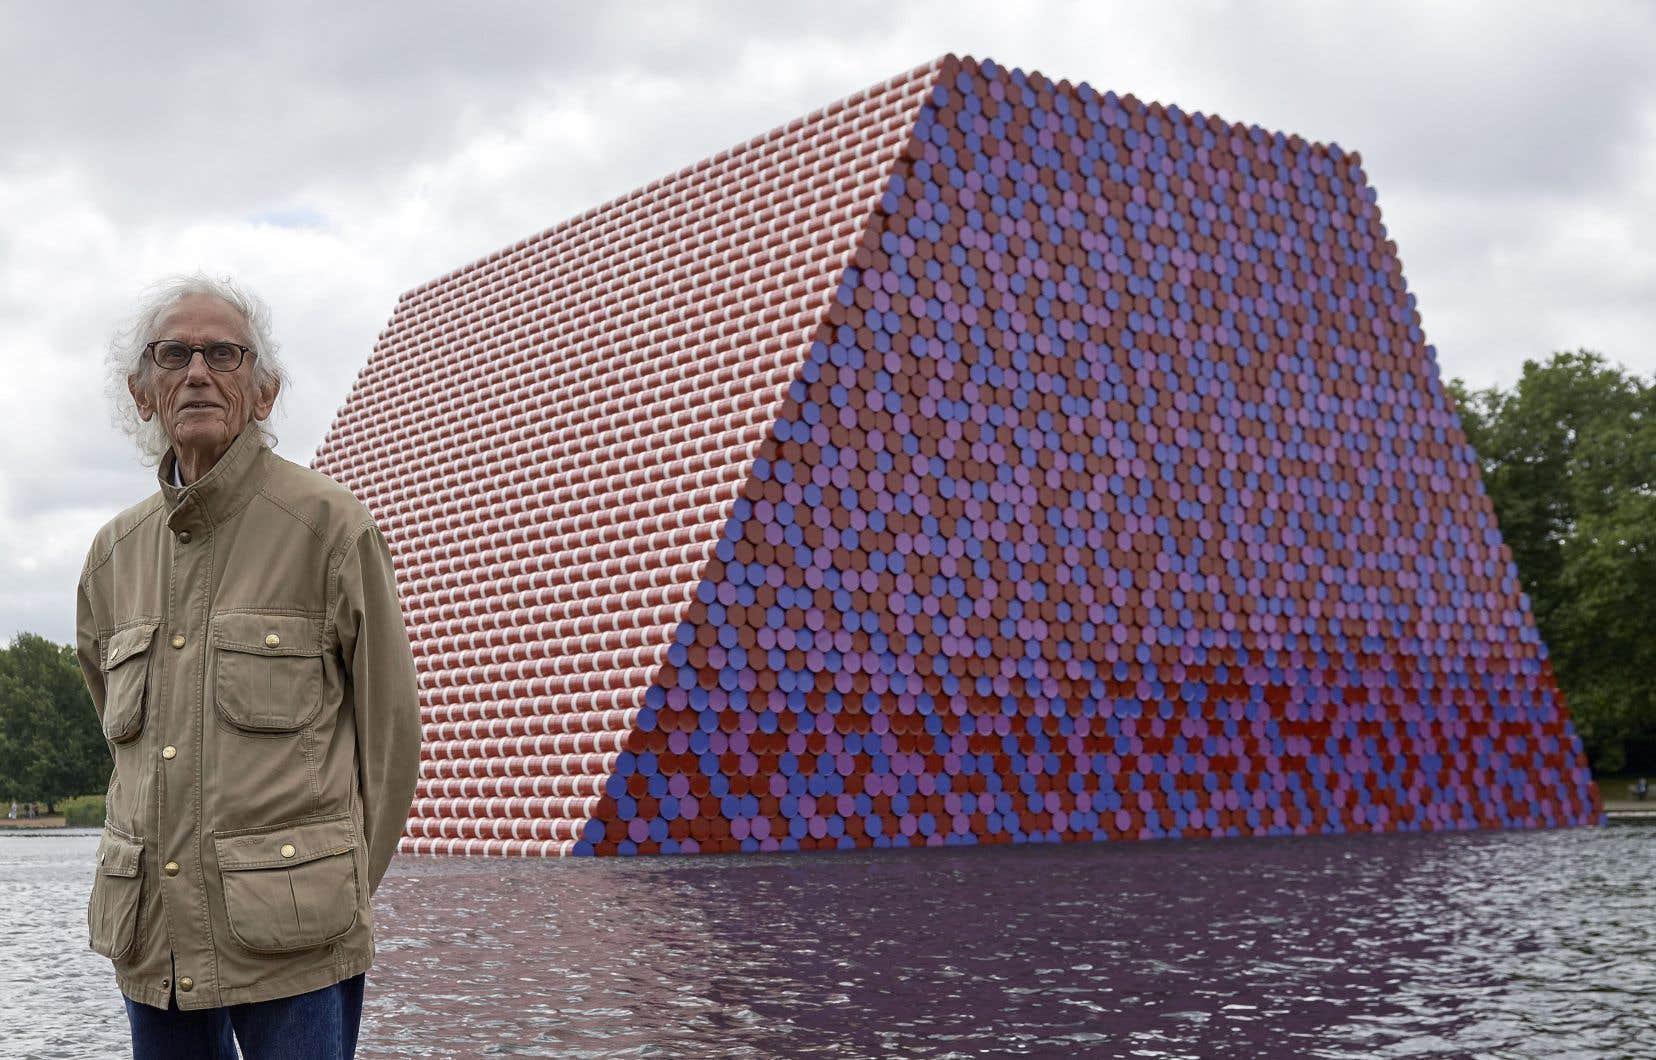 L'artiste Christo vient de terminer «The London Mastaba», dont la forme rappelle celledes tombeaux traditionnels égyptiens appelés mastabas.